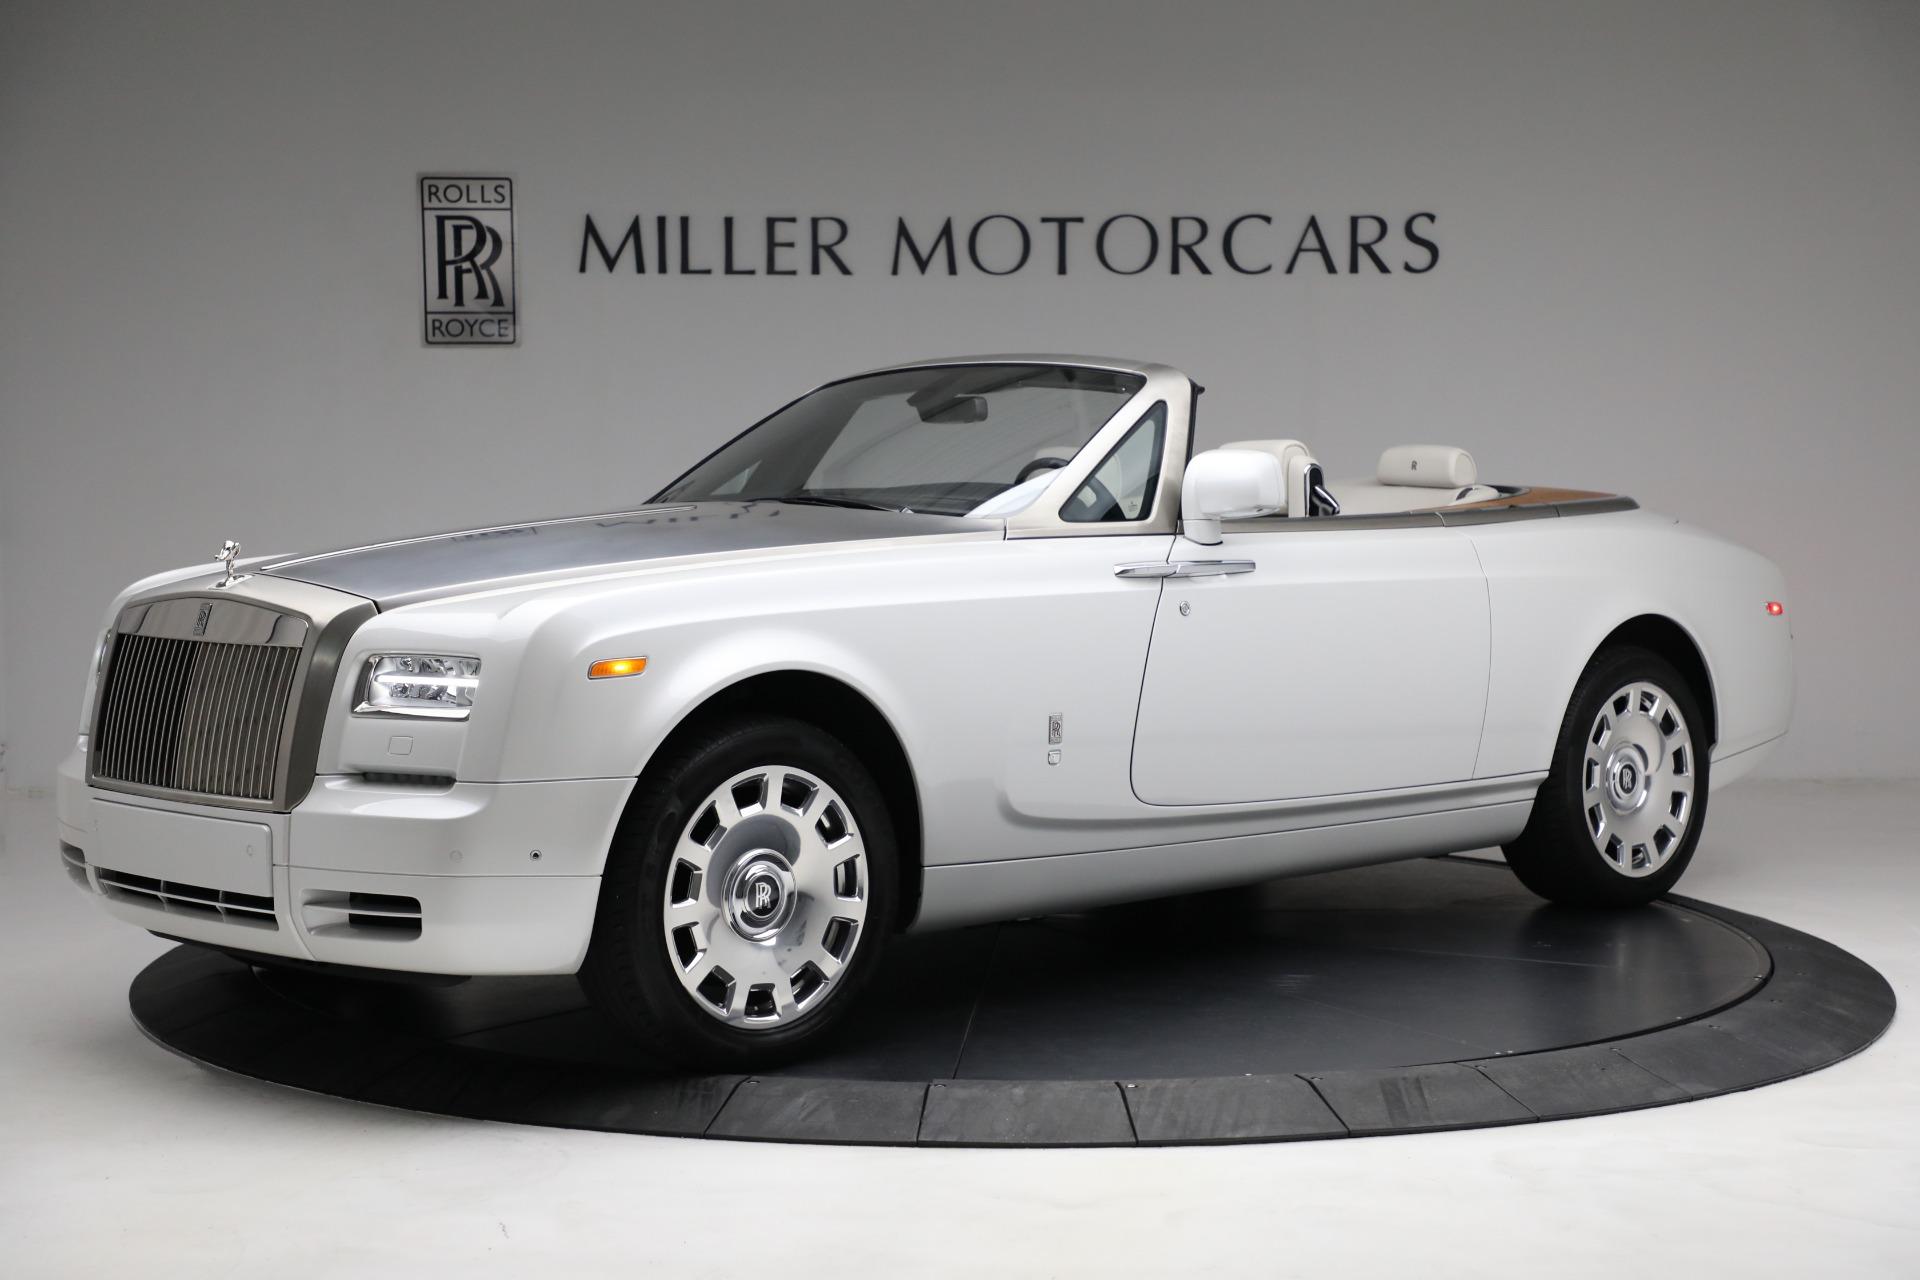 Used 2017 Rolls-Royce Phantom Drophead Coupe for sale $379,900 at Alfa Romeo of Westport in Westport CT 06880 1